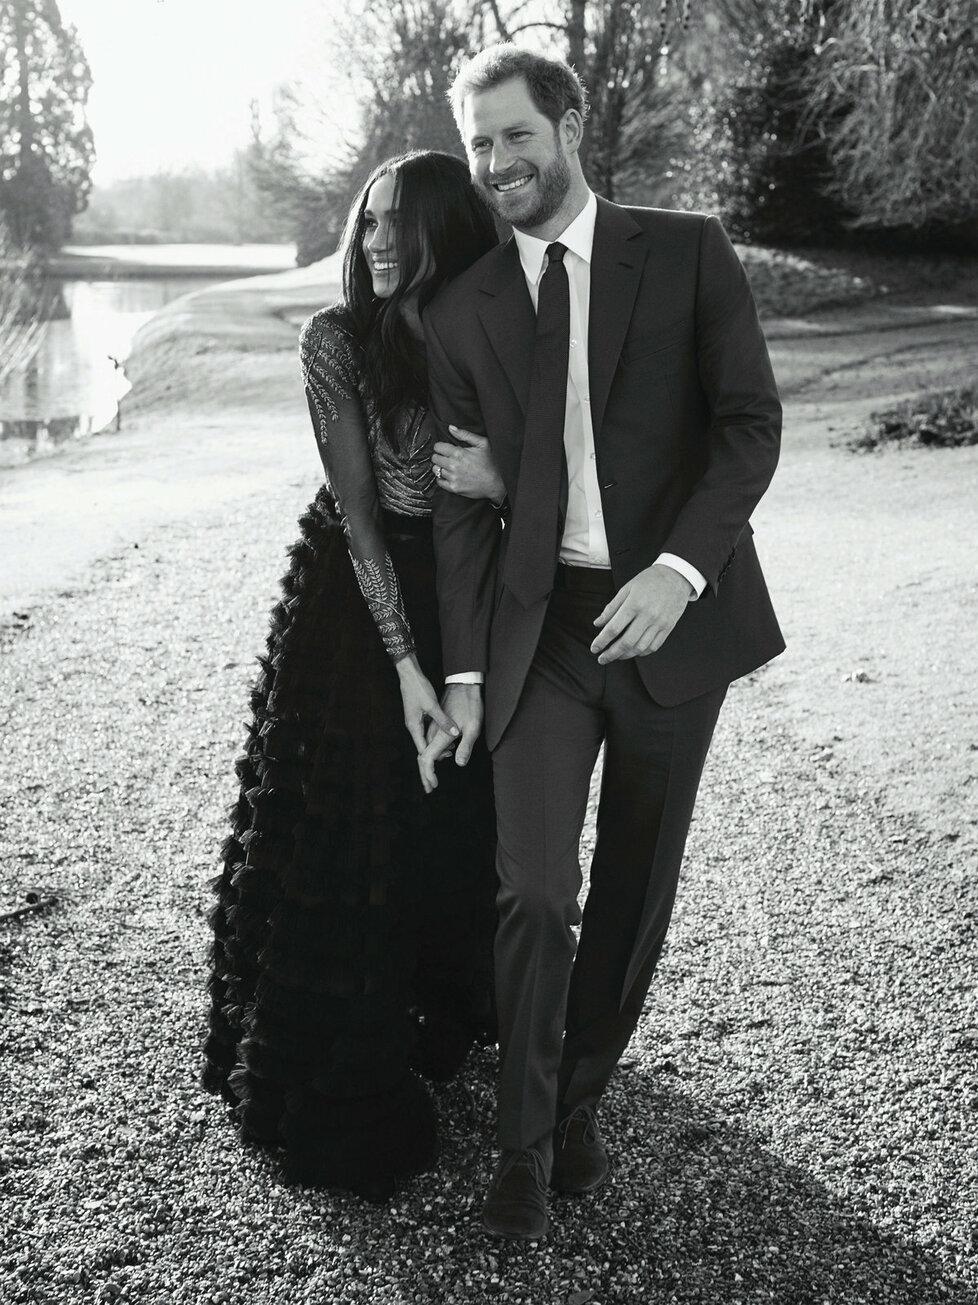 Oficiální zásnubní fotografie prince Harryho a Meghan Markle